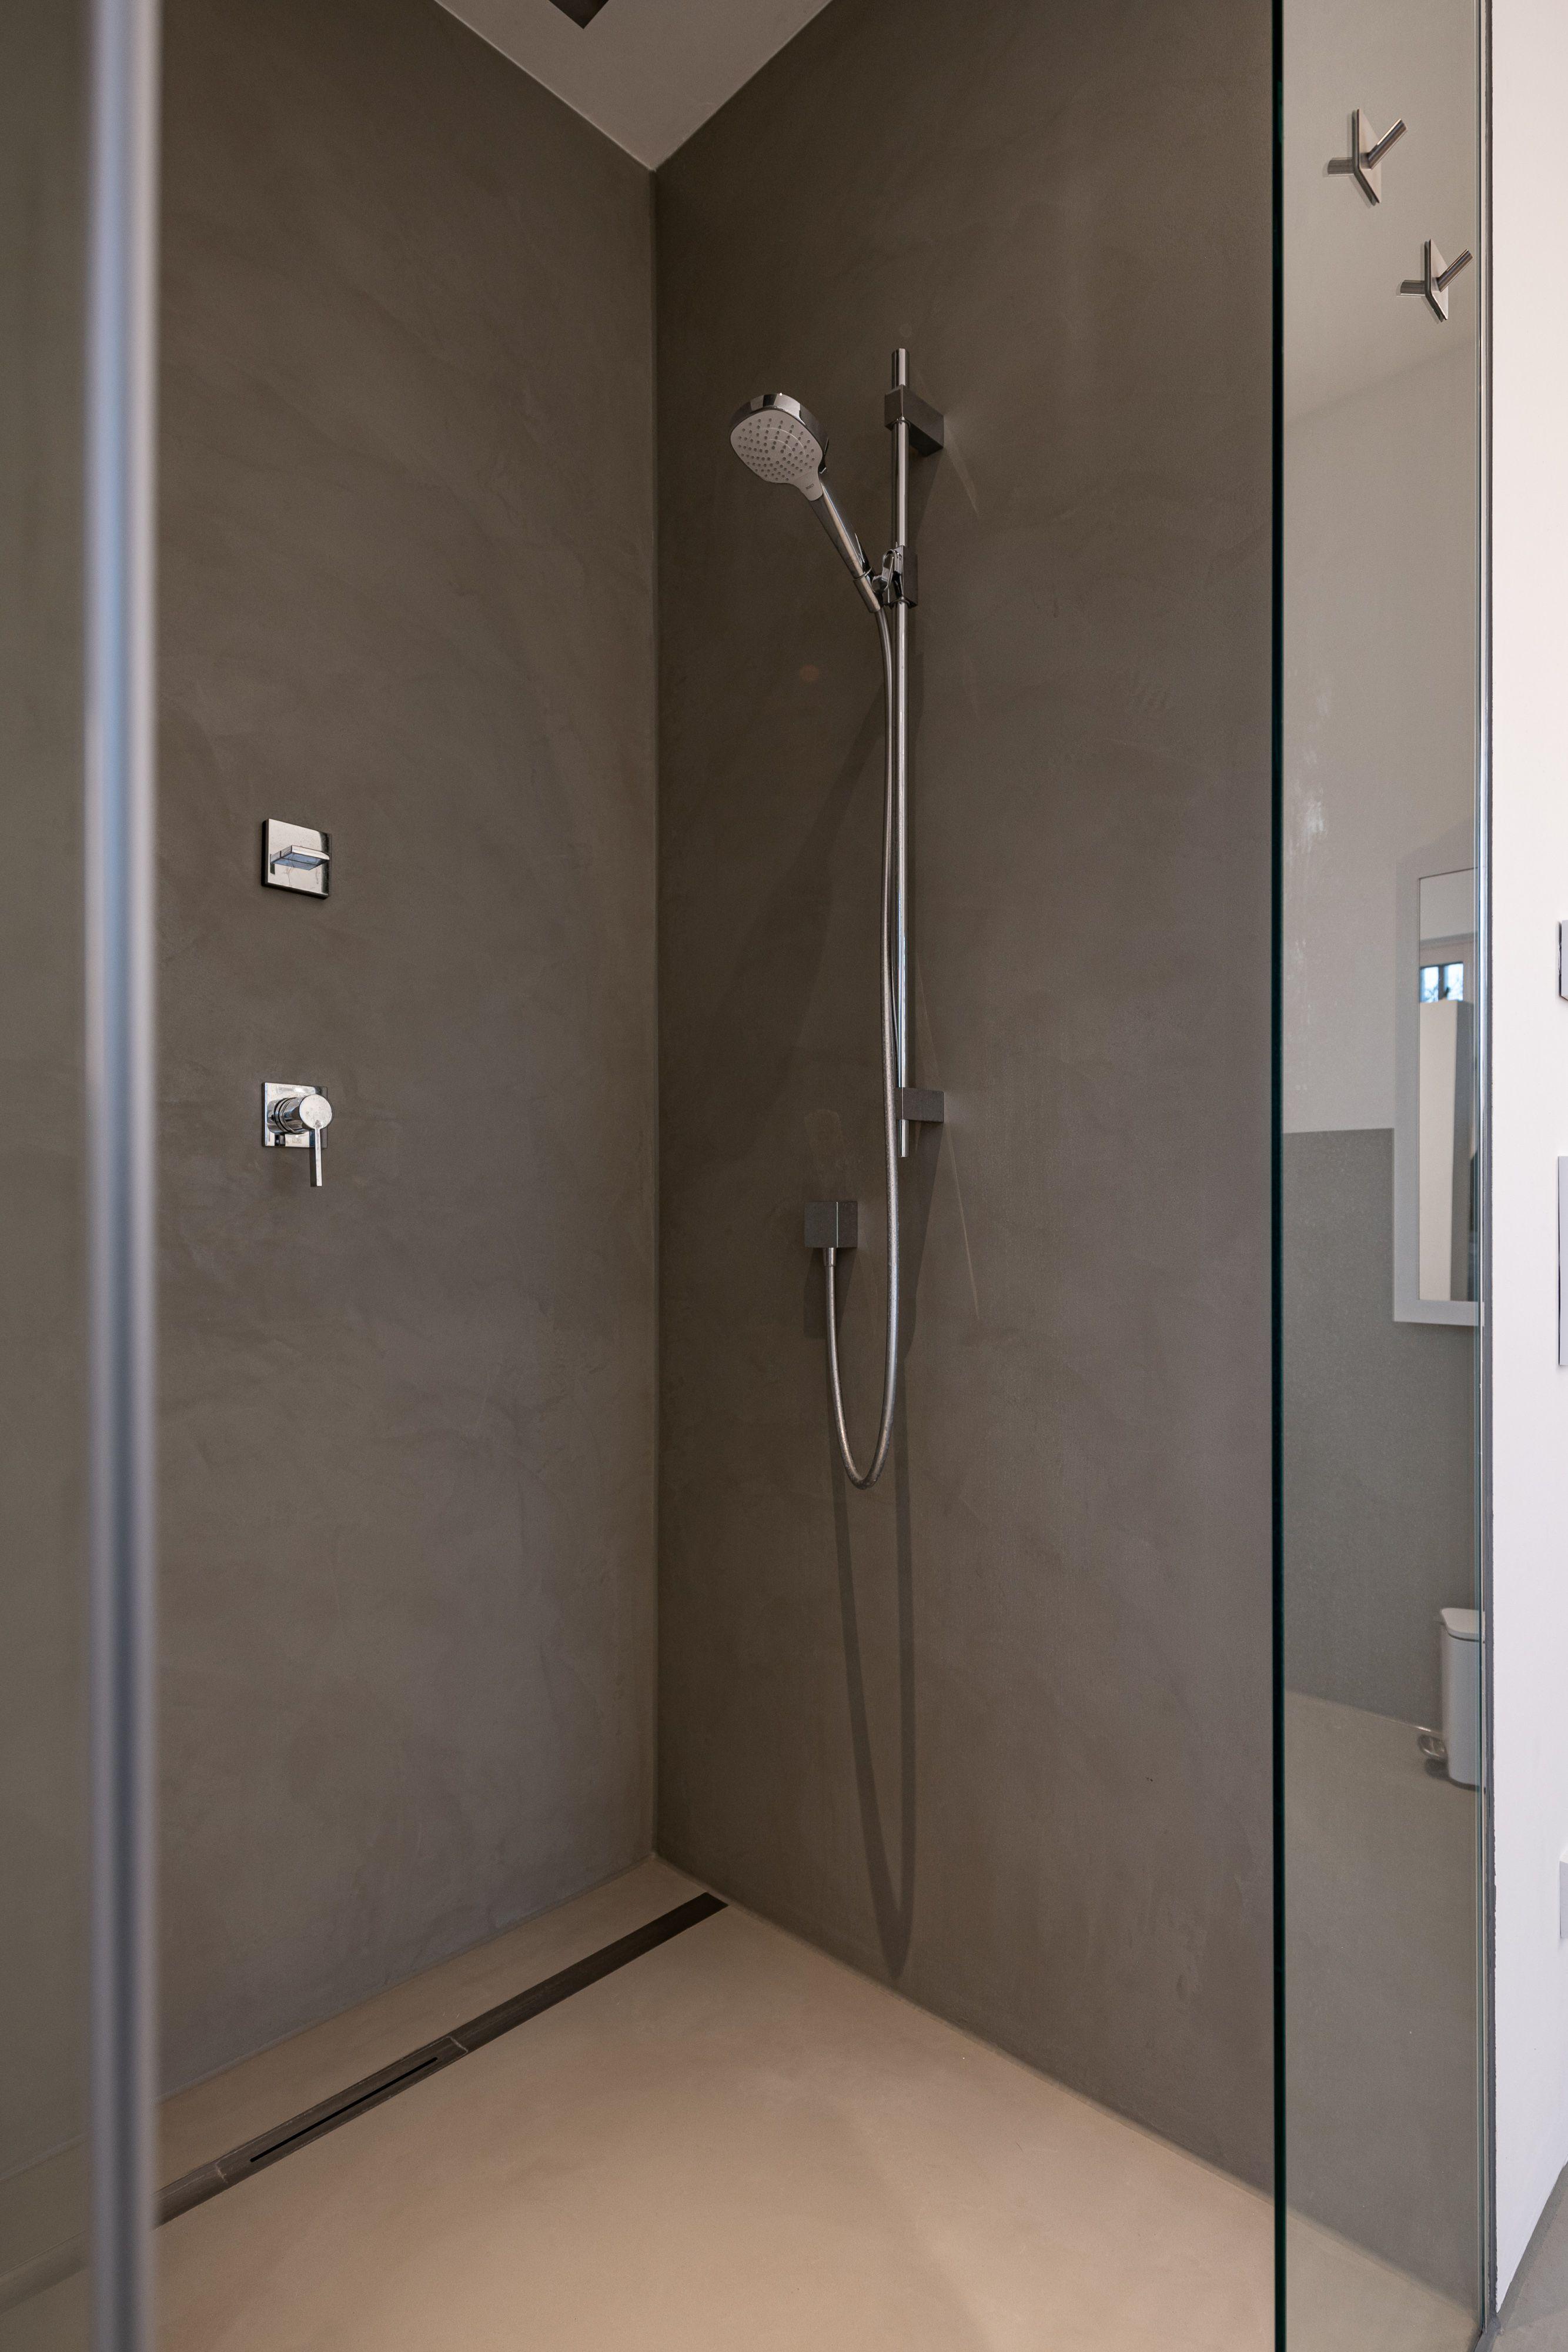 Fugenlose Design Dusche Fugenlose Dusche Badezimmer Gestalten Badezimmer Umgestalten